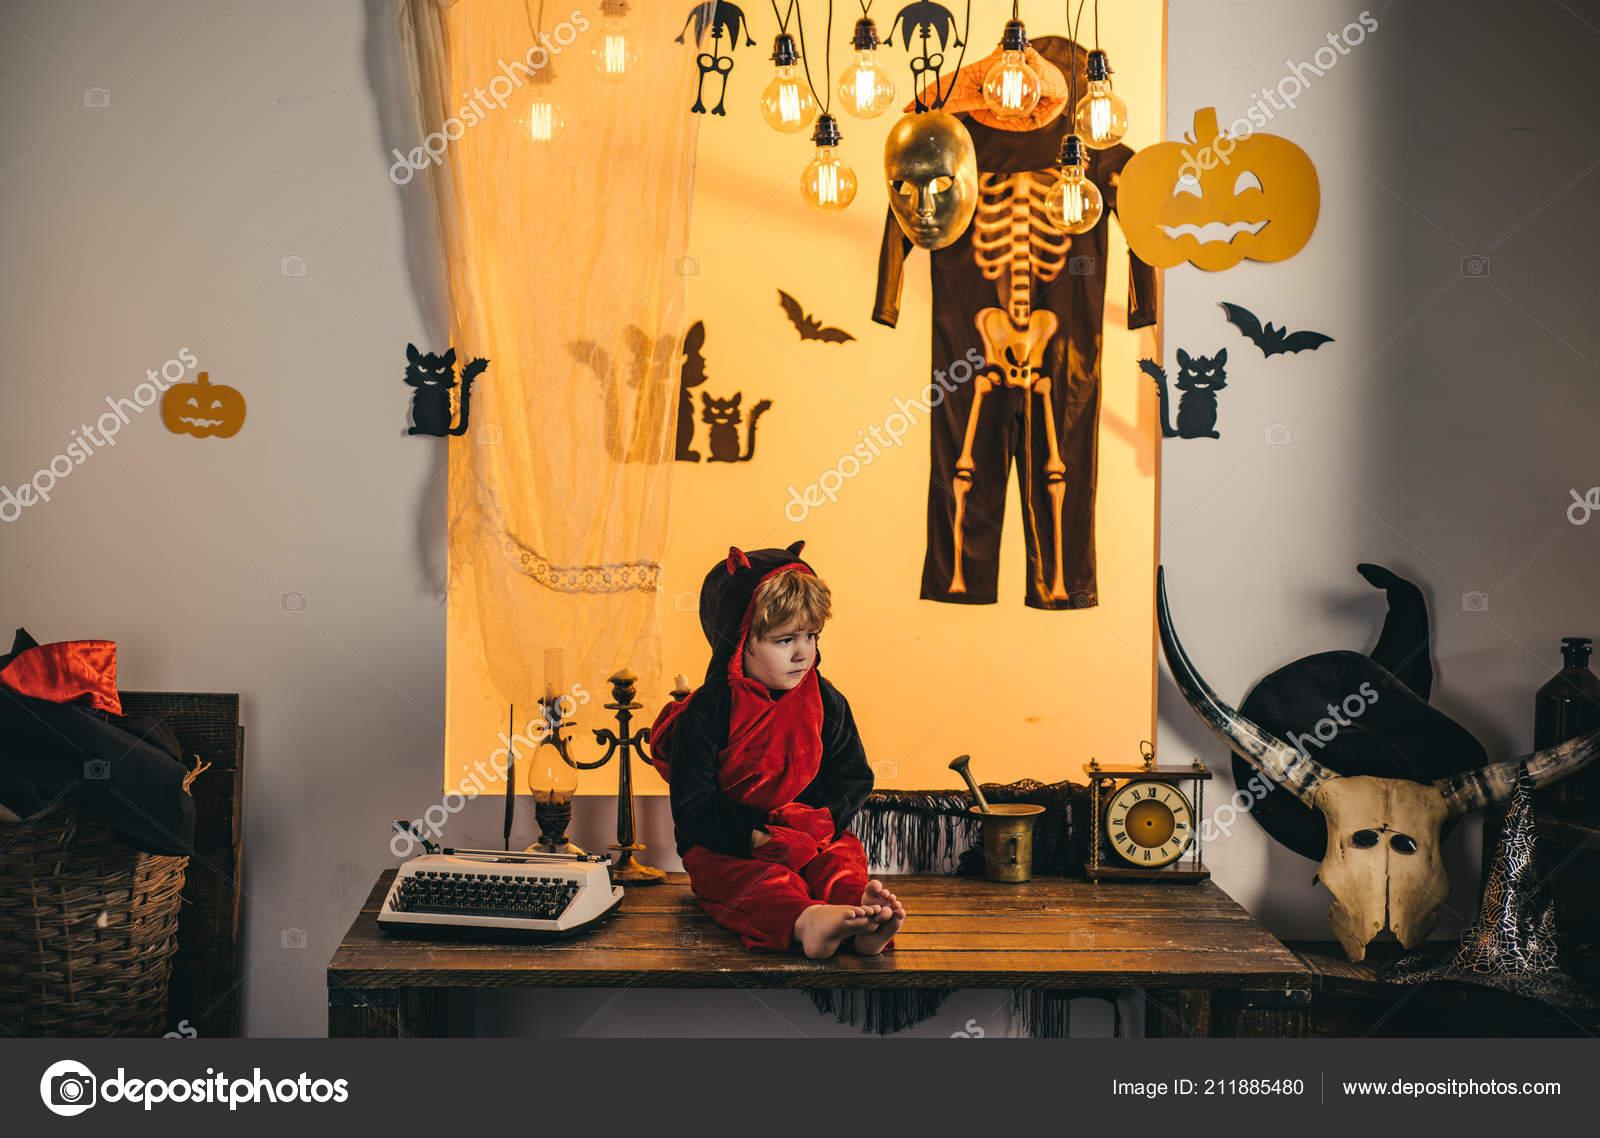 Decorazione di Halloween e concetto spaventoso. Facce di orrore. Felice  Halloween week-end. Zucca magica. I bambini giocare con le zucche e  trattano. 65c054548db6